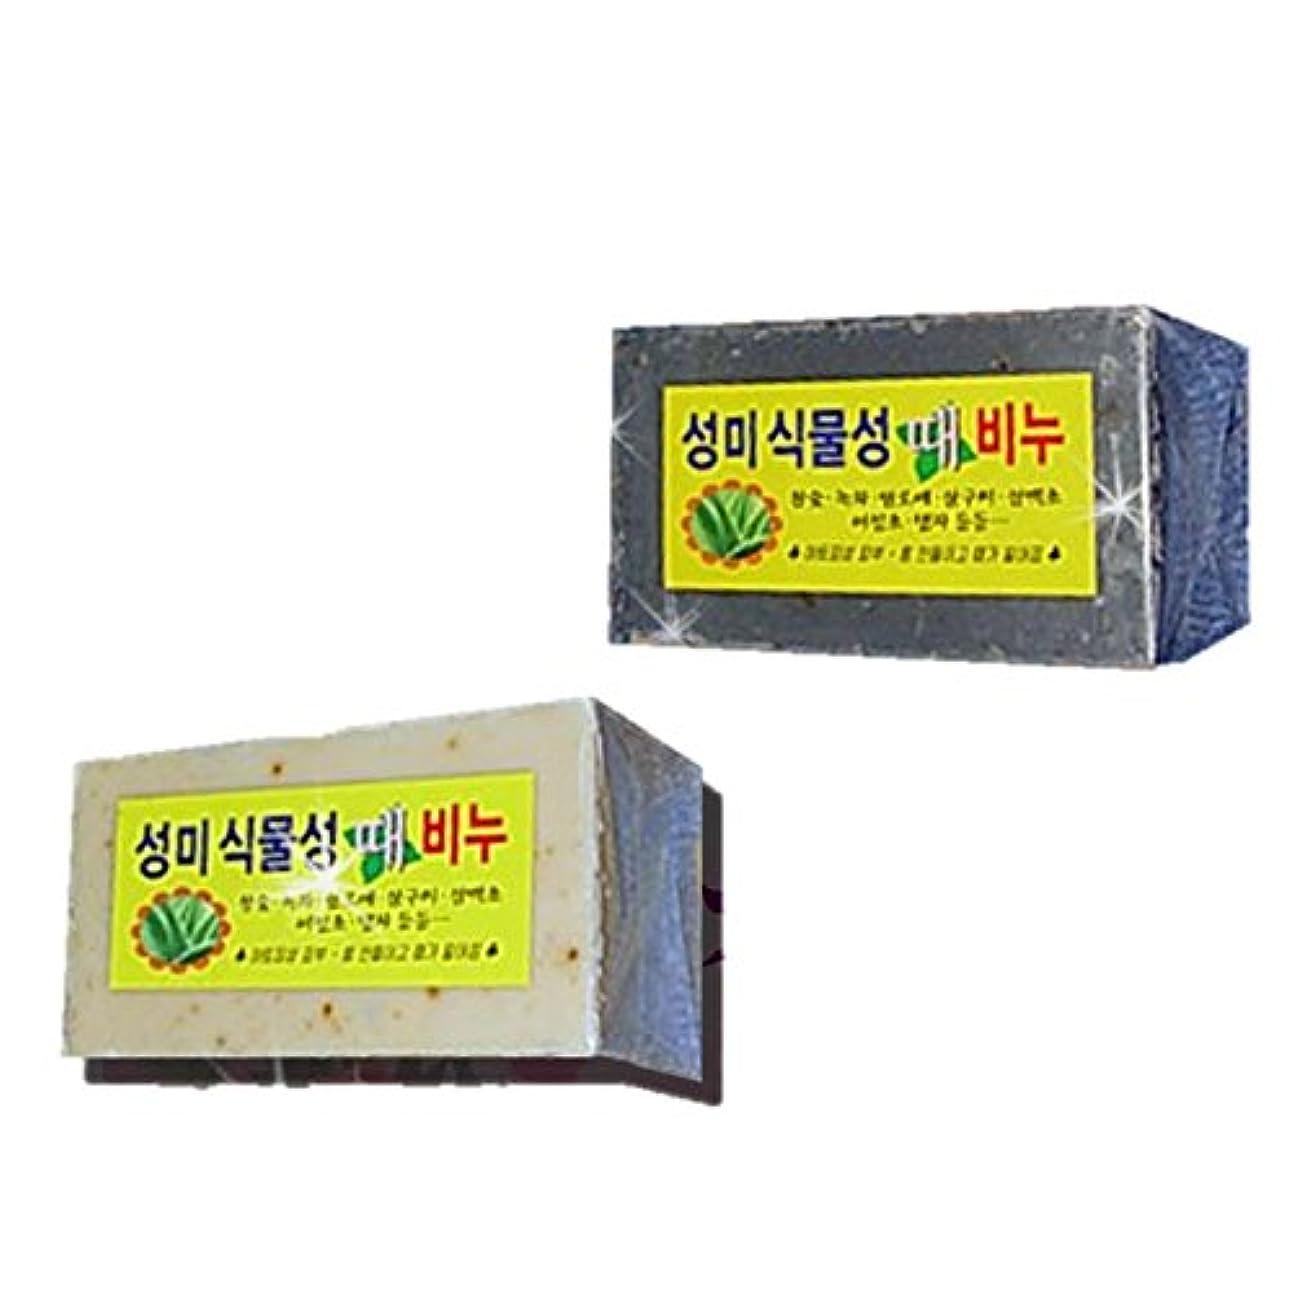 削る乱闘モジュール(韓国ブランド) 植物性 垢すり石鹸 1個